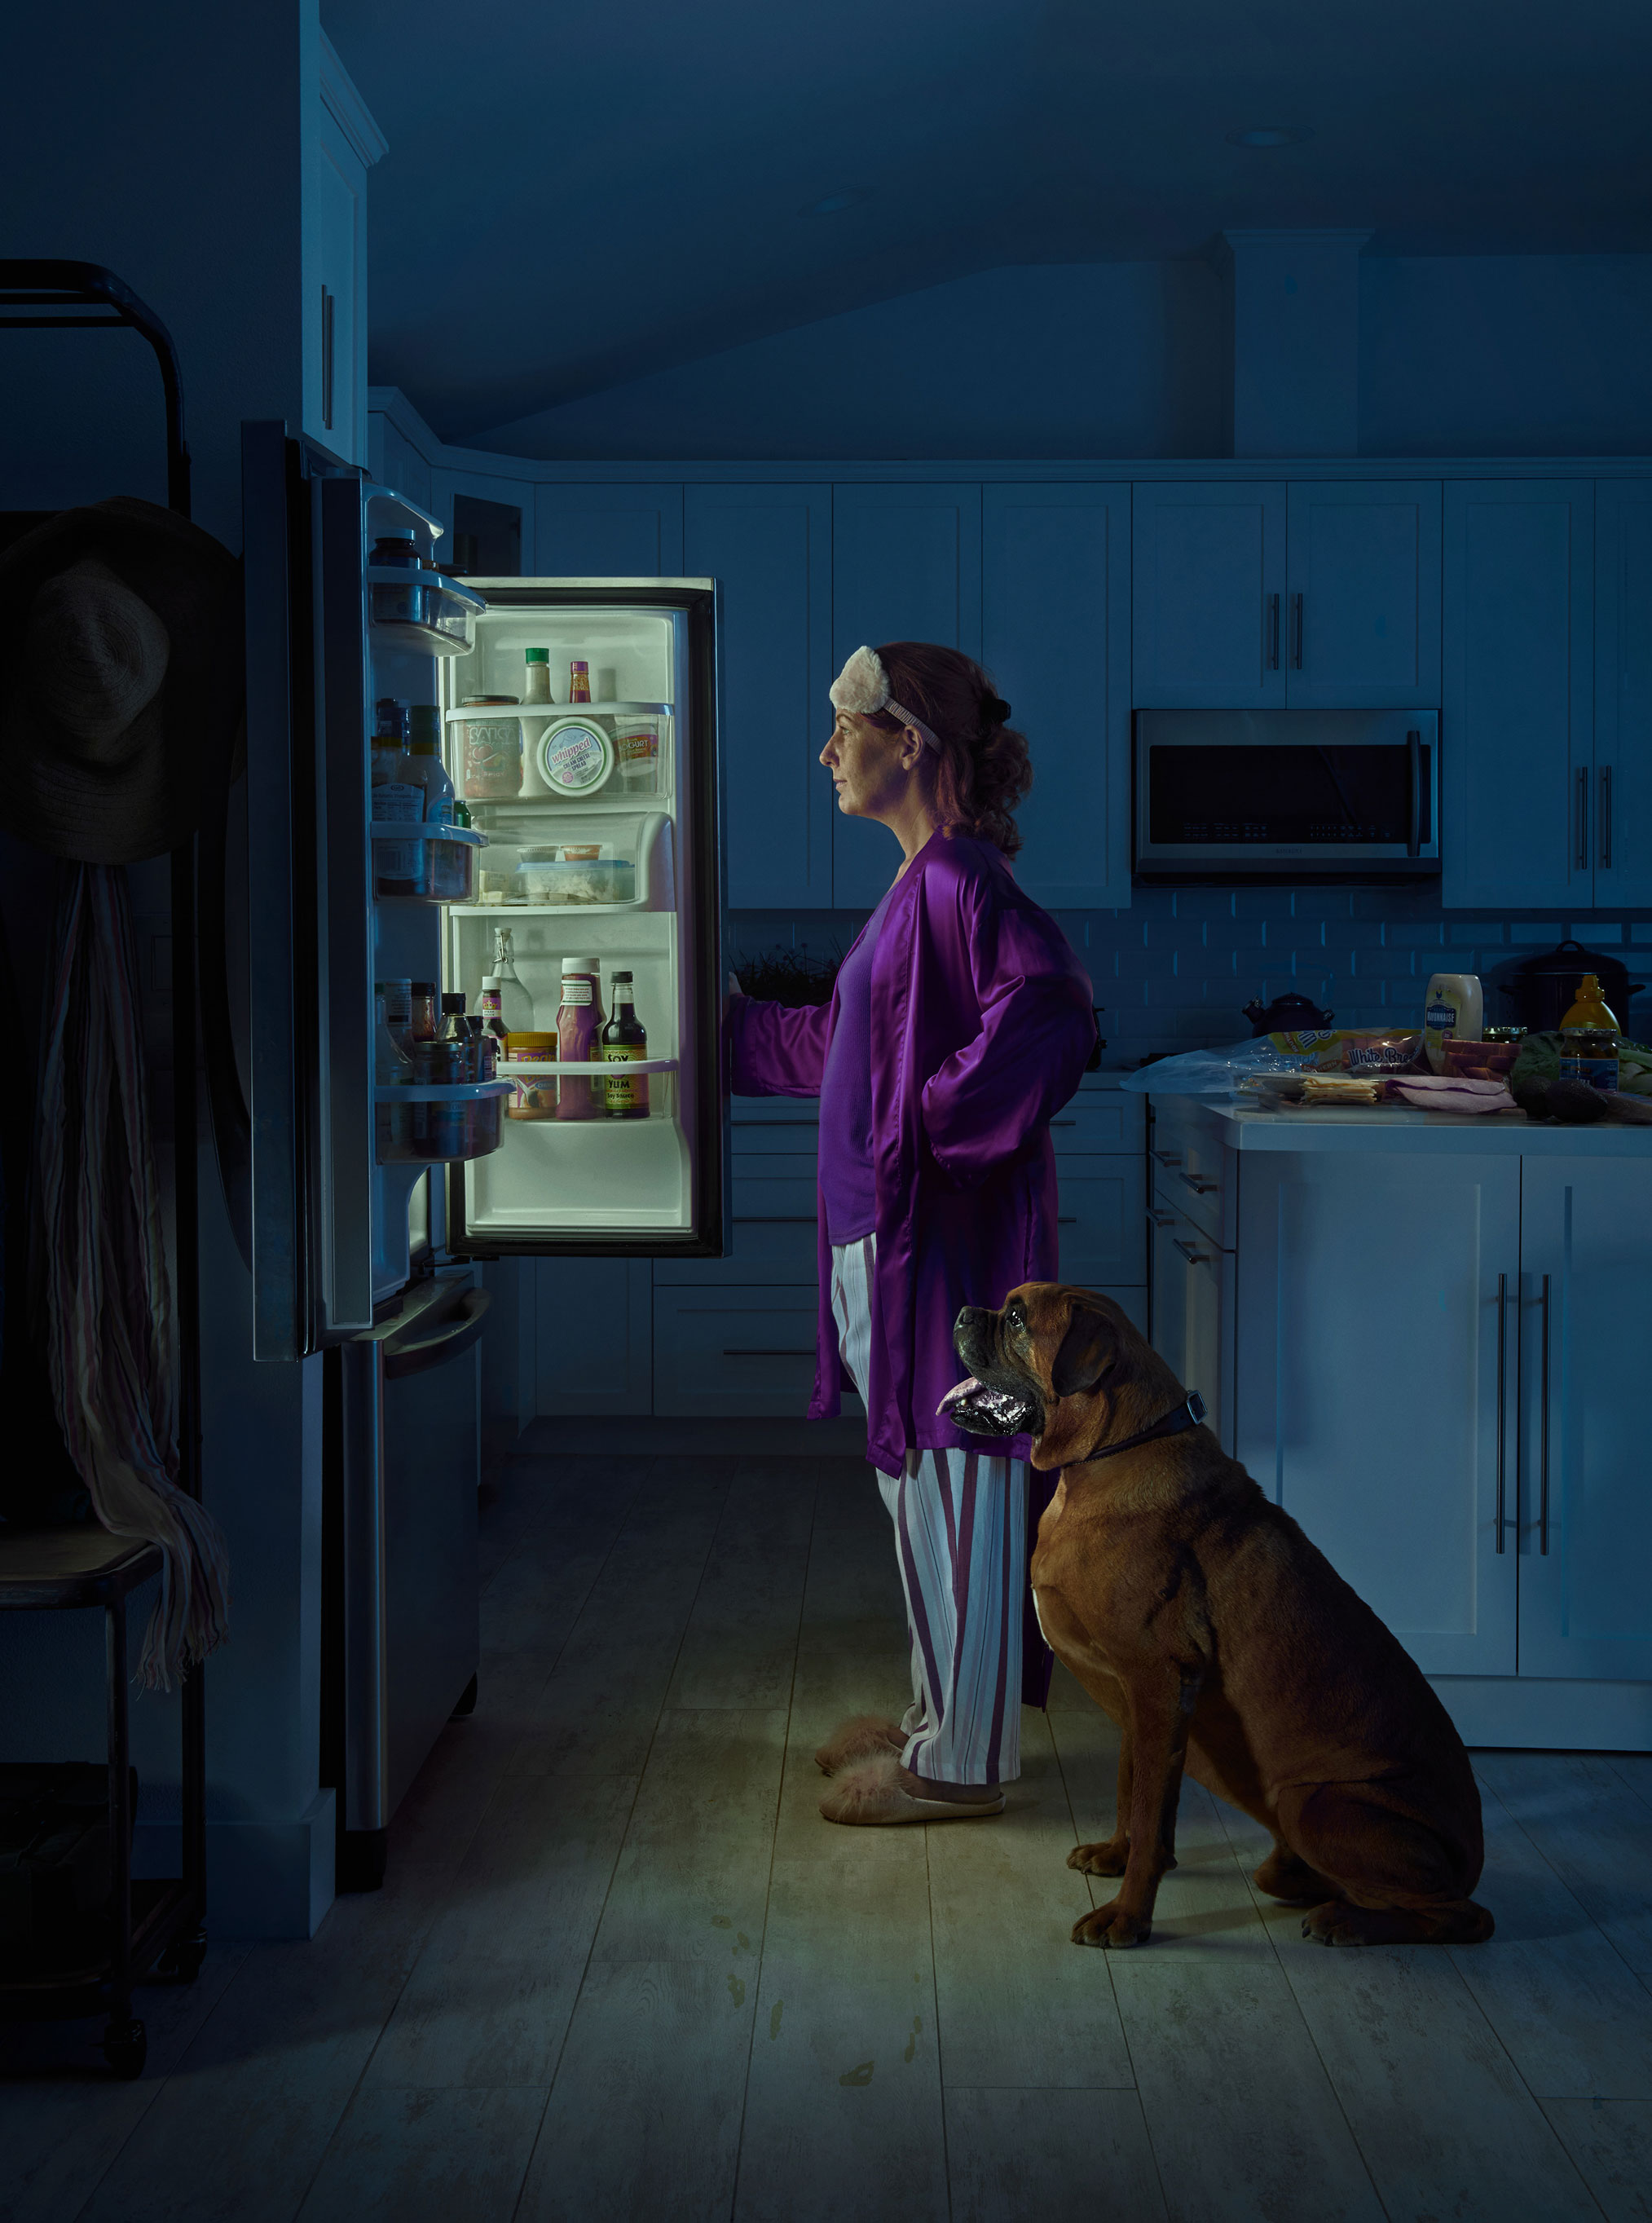 рекламная кампания успокаивающего лечебного CBD-средства для собак / фото 04